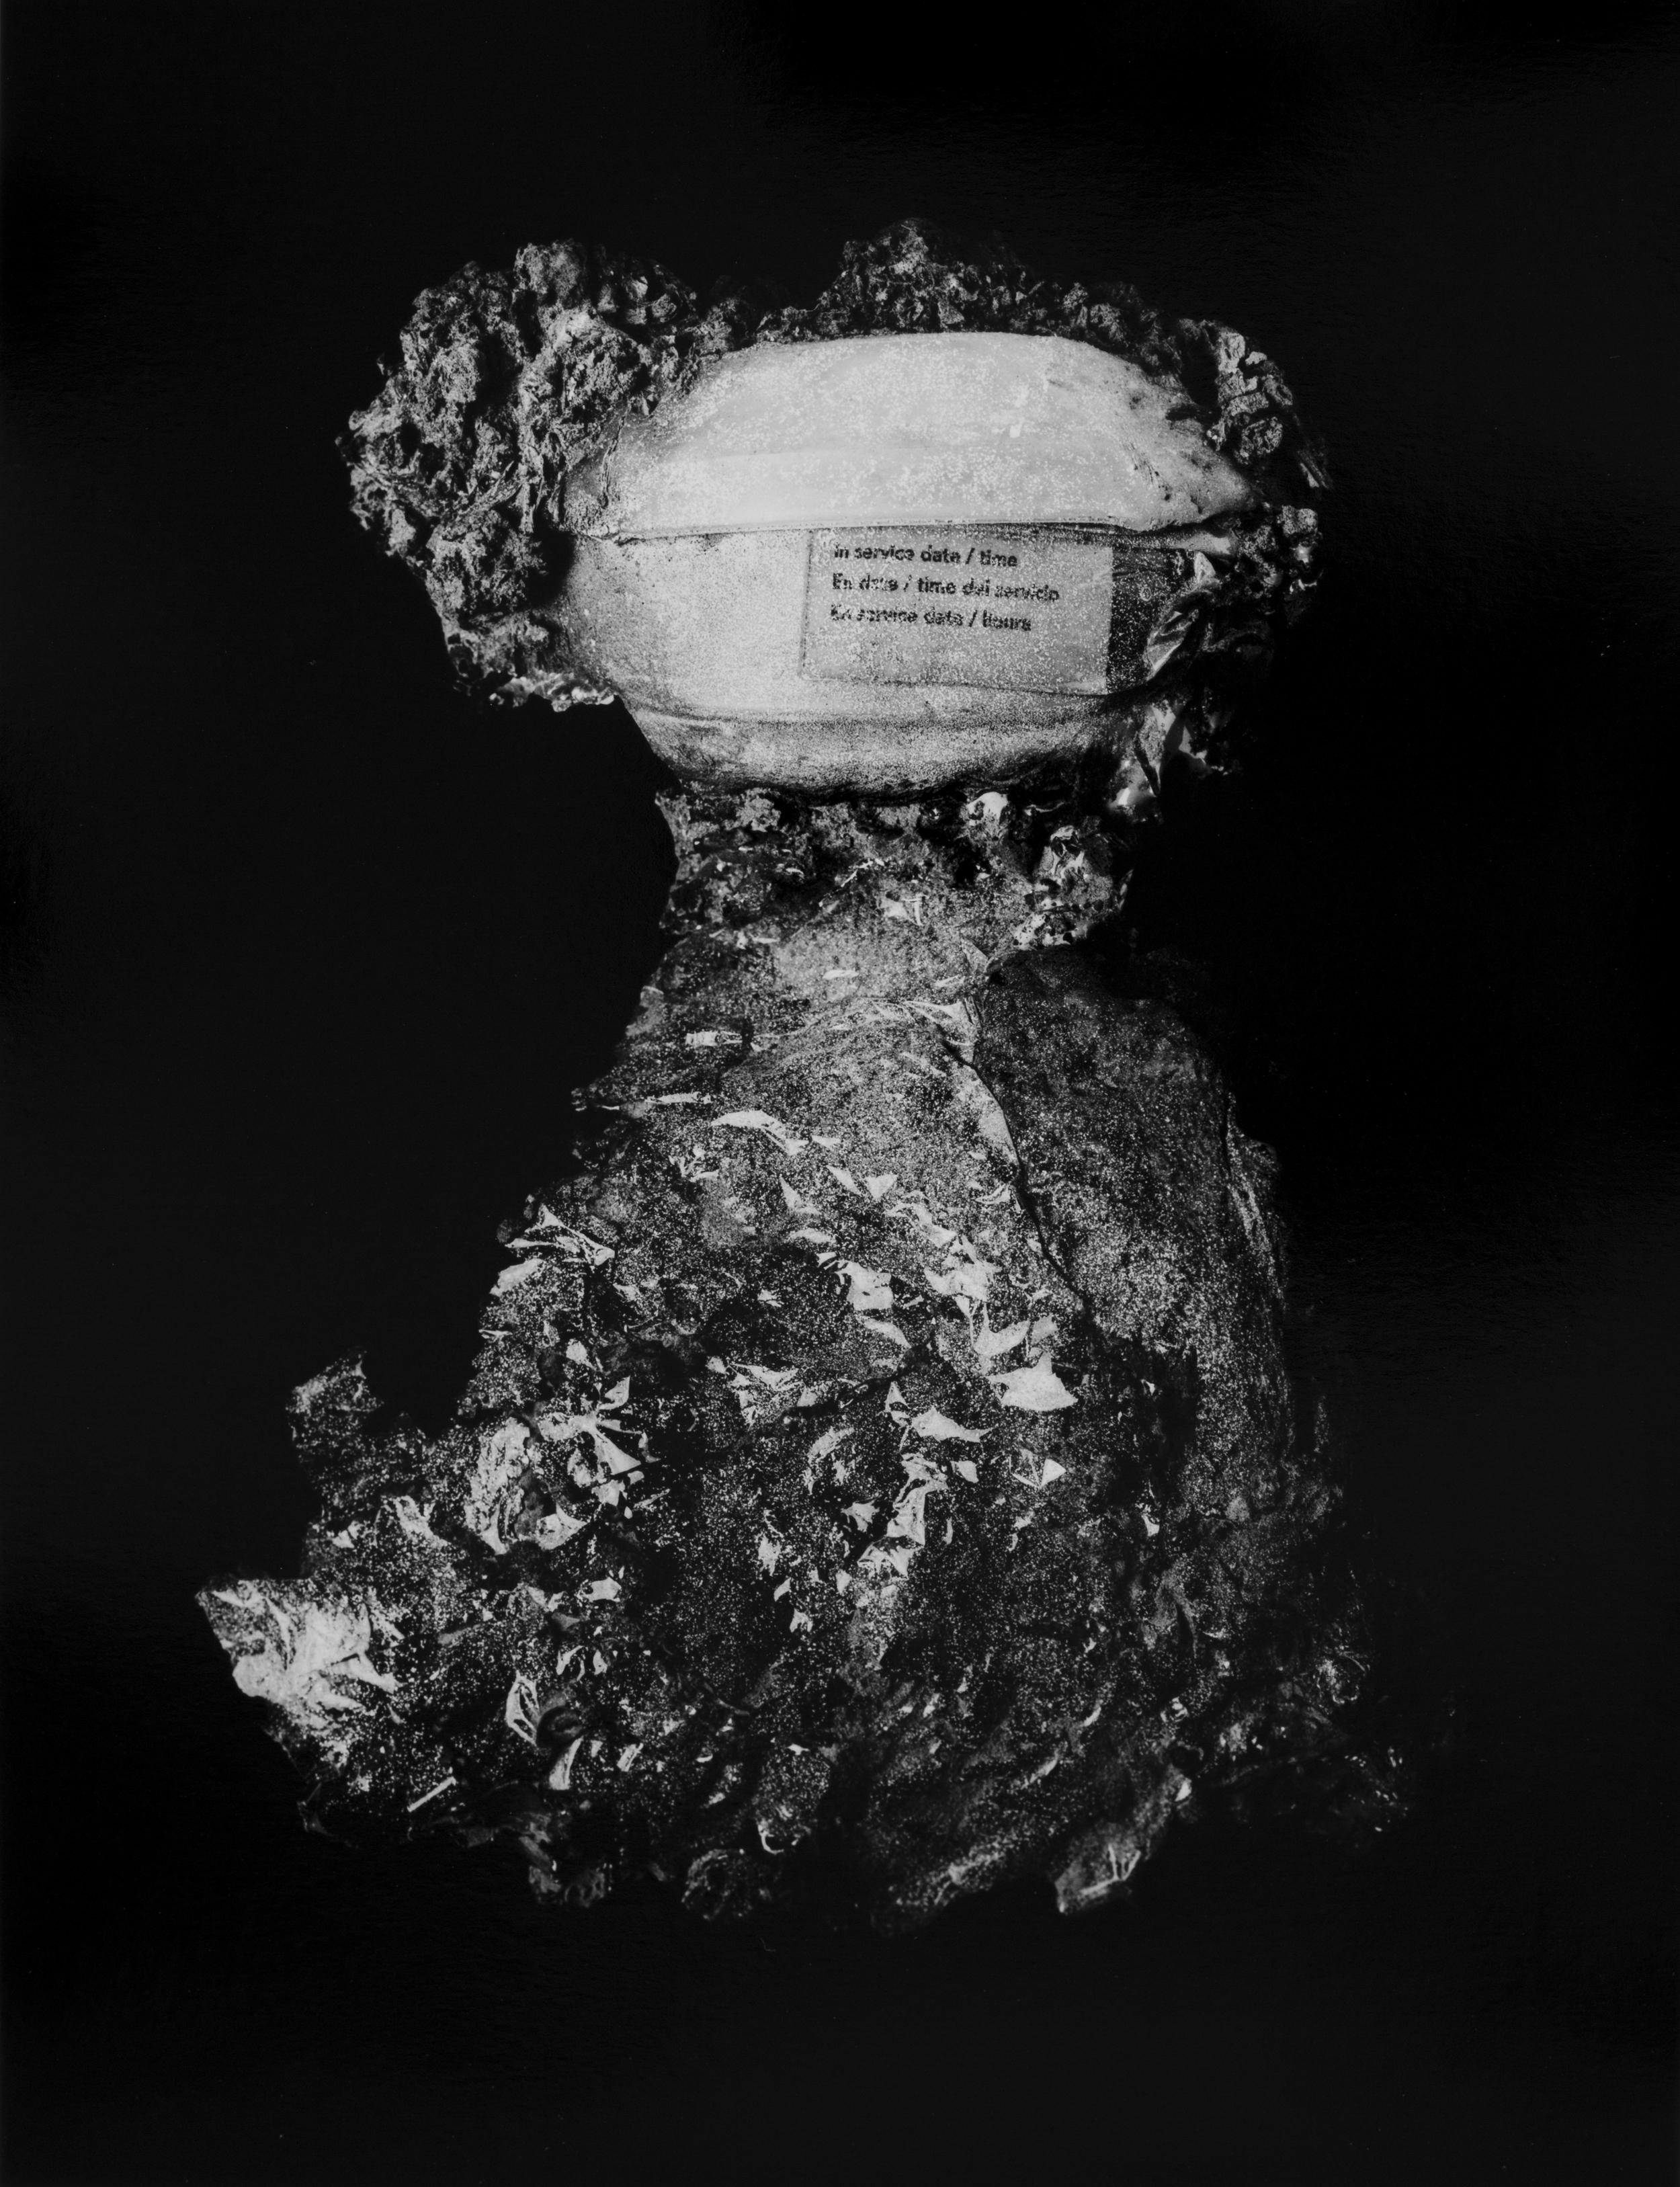 """Resurrected Form No.6, 13x10"""", Toned Silver Gelatin Print, 2014"""